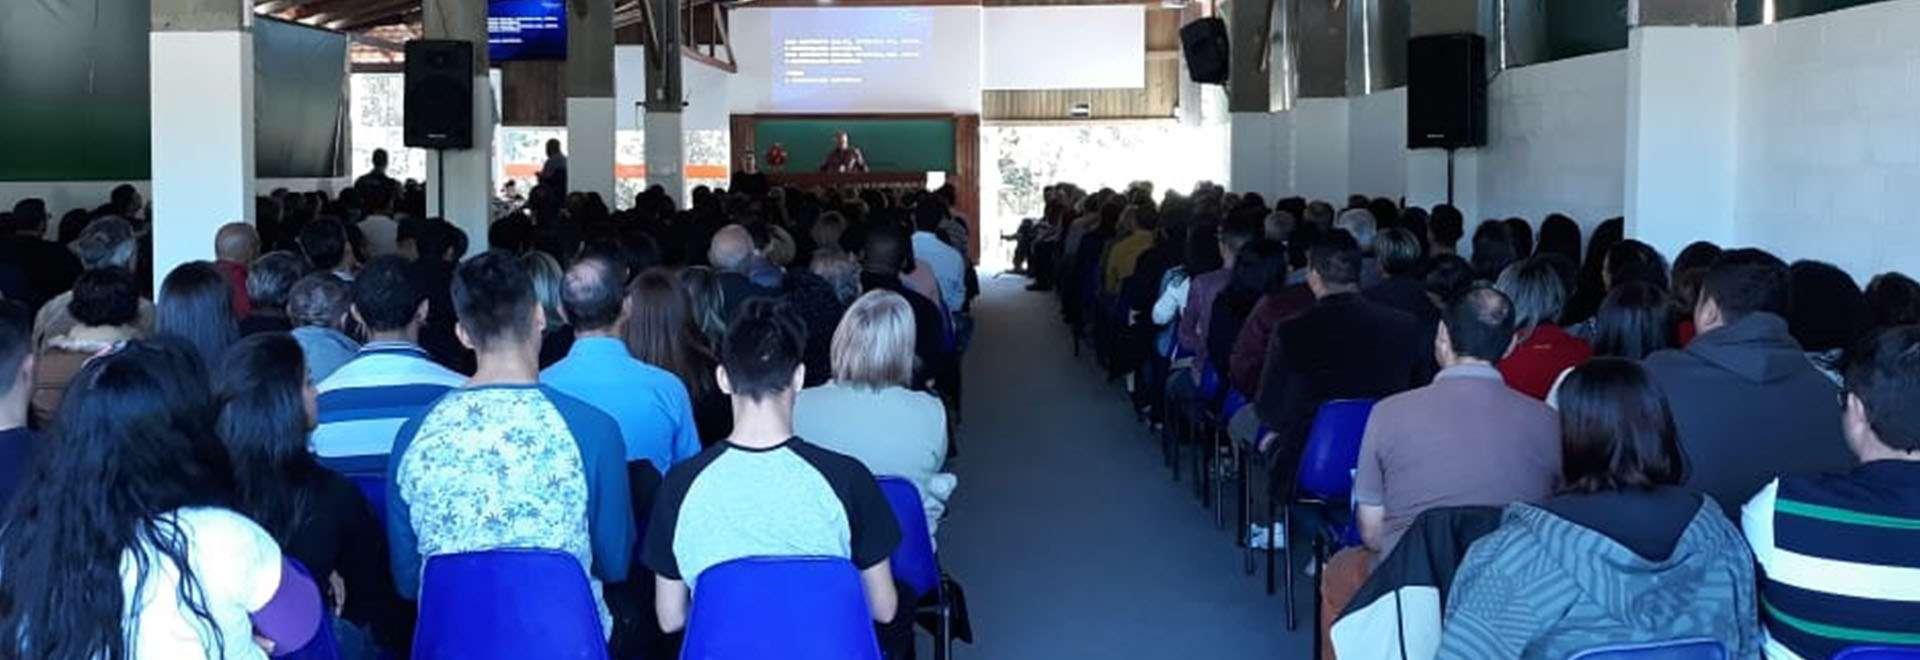 Seminário de principiantes é realizado presencialmente em Florianópolis